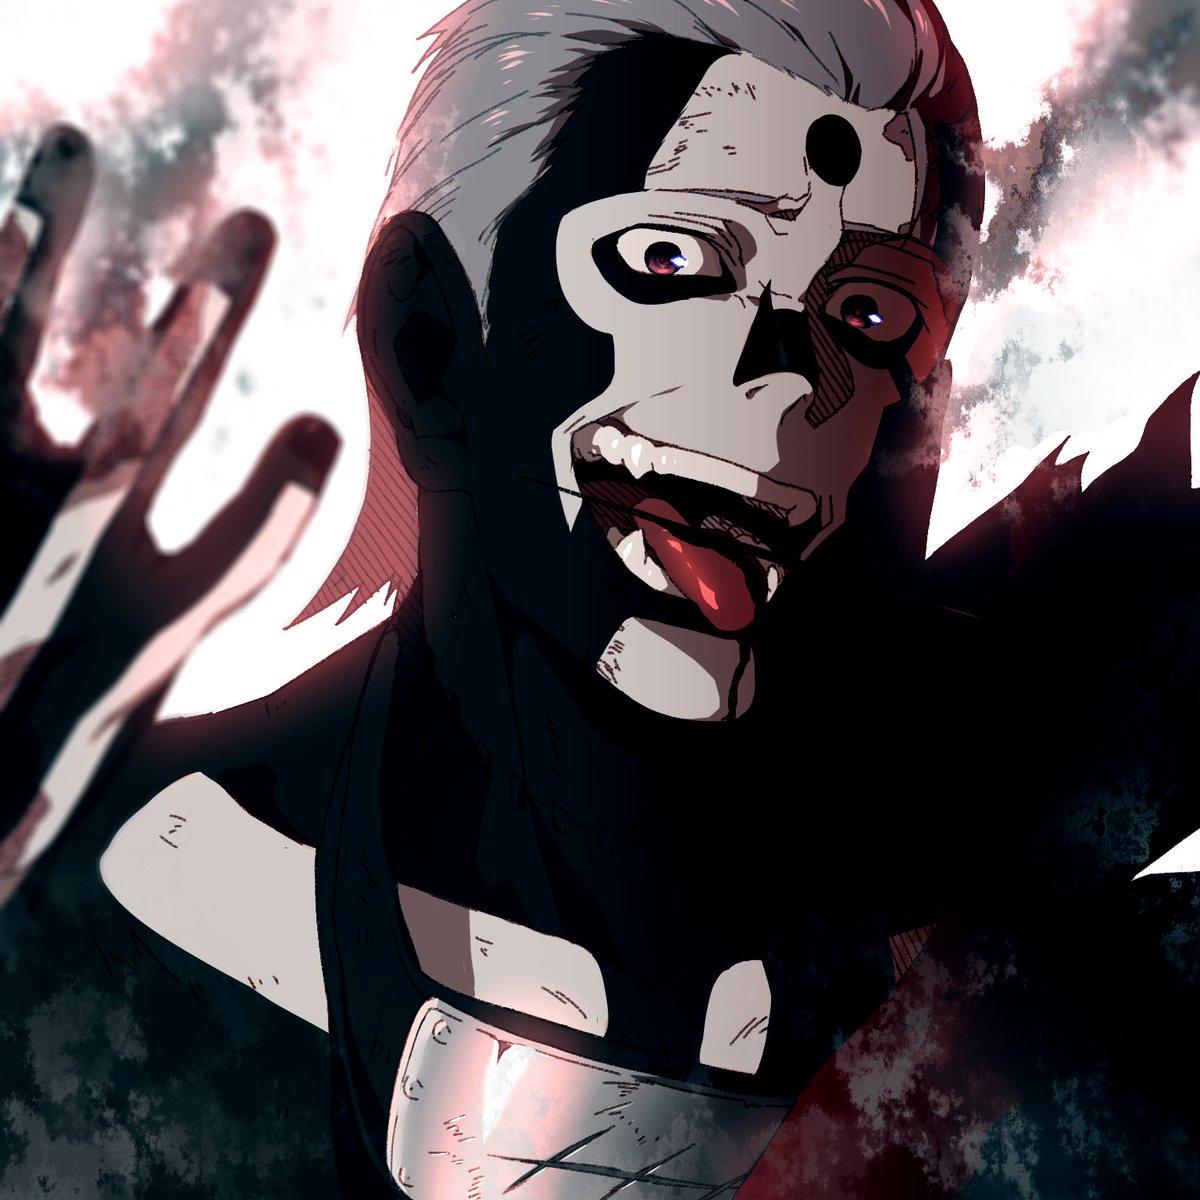 Raikiri On Twitter Hidan Fanart Hidan Naruto Akatsuki Fanart Anime Drawing Sketch Ninja Shinobi Sai Painttoolsai Artist Boruto Art Illust Illustration Illustrator Jashin Draw Https T Co 2rjdoyuqrp